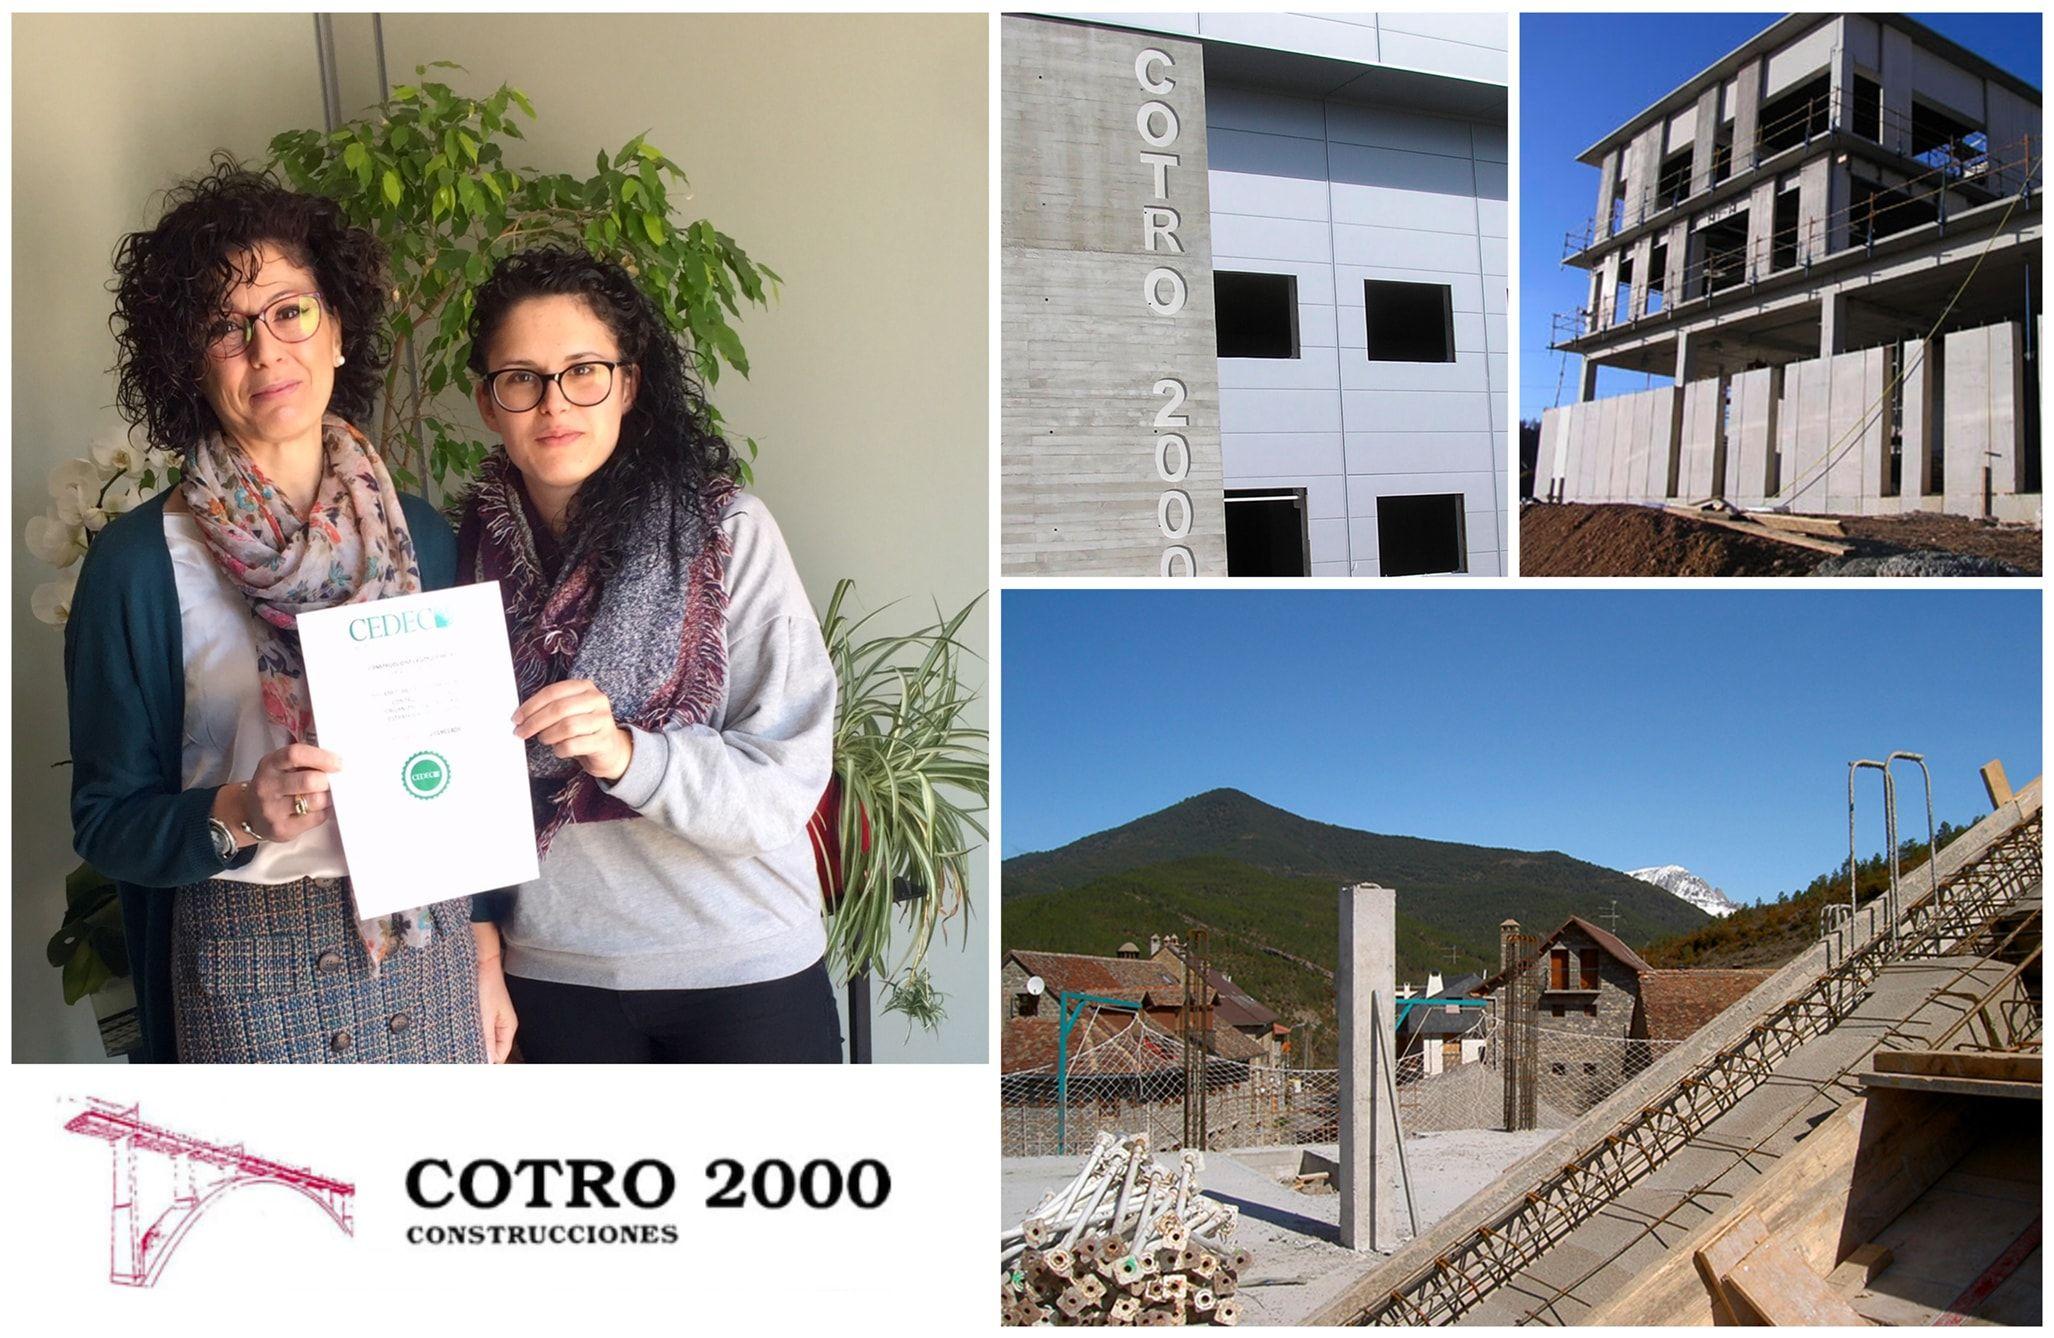 Foto de Contrucciones COTRO 2000